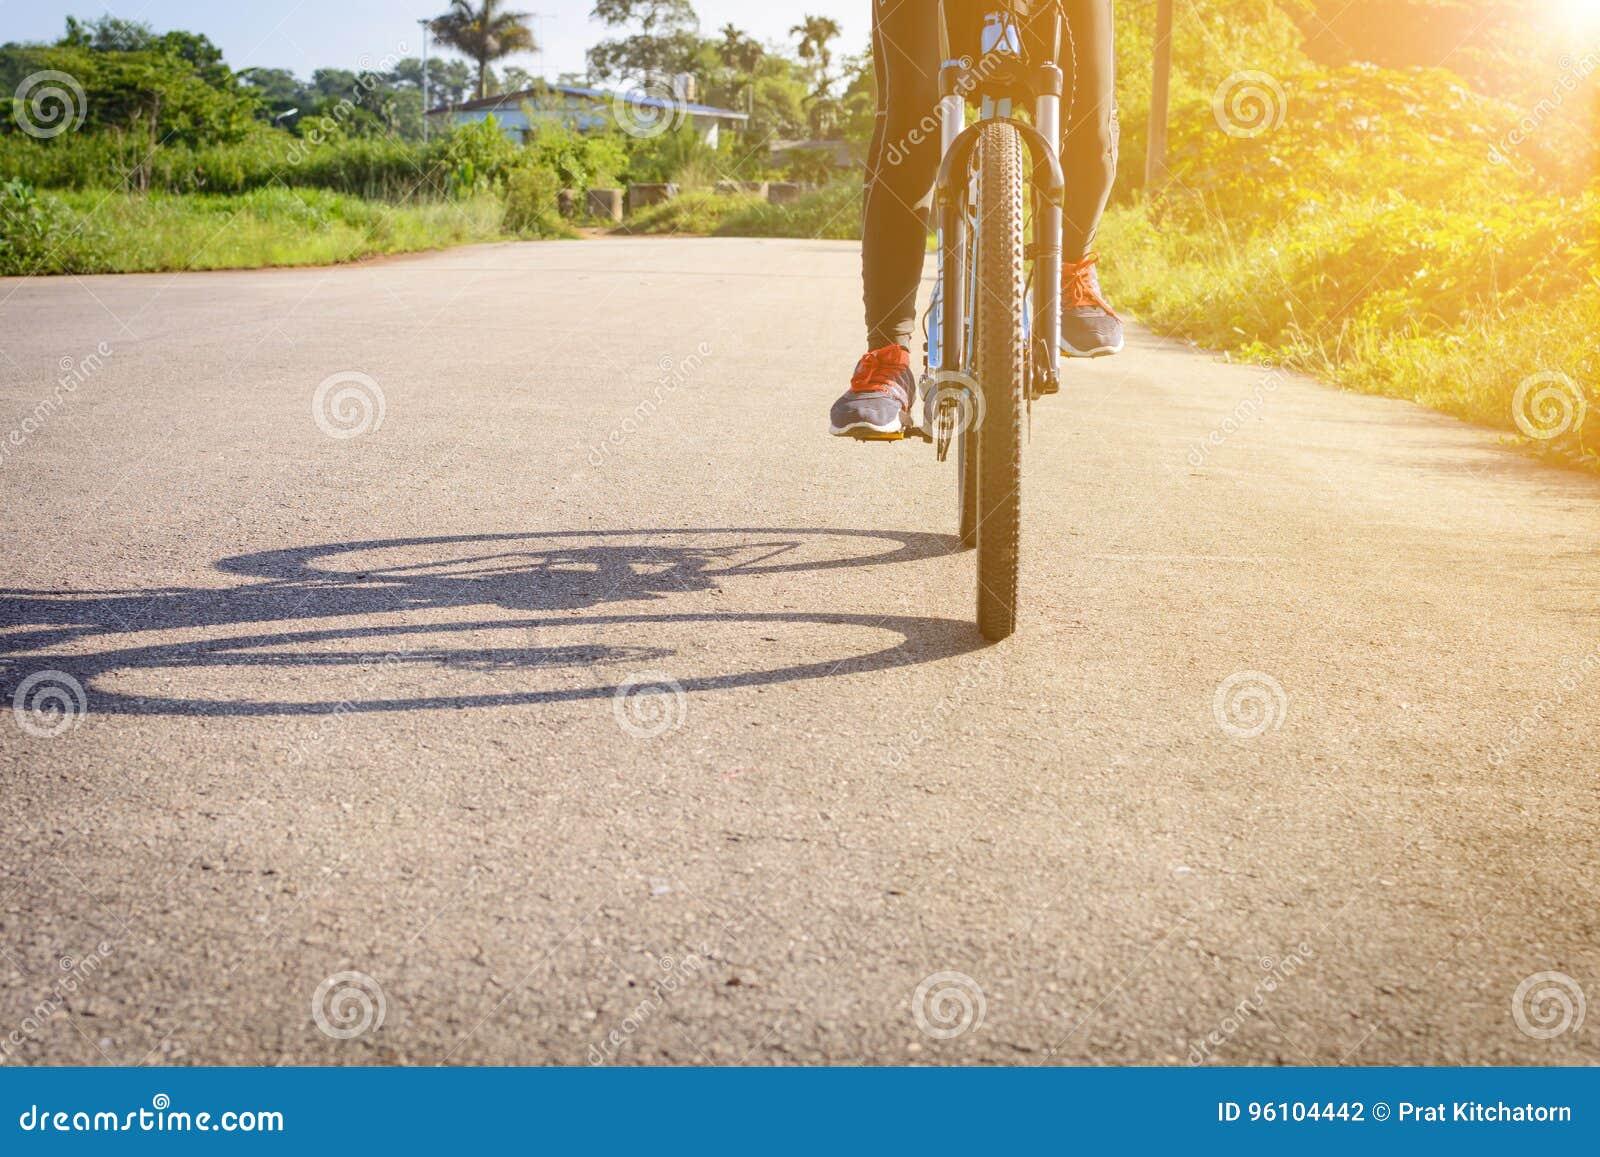 Zyklus auf der Straße morgens